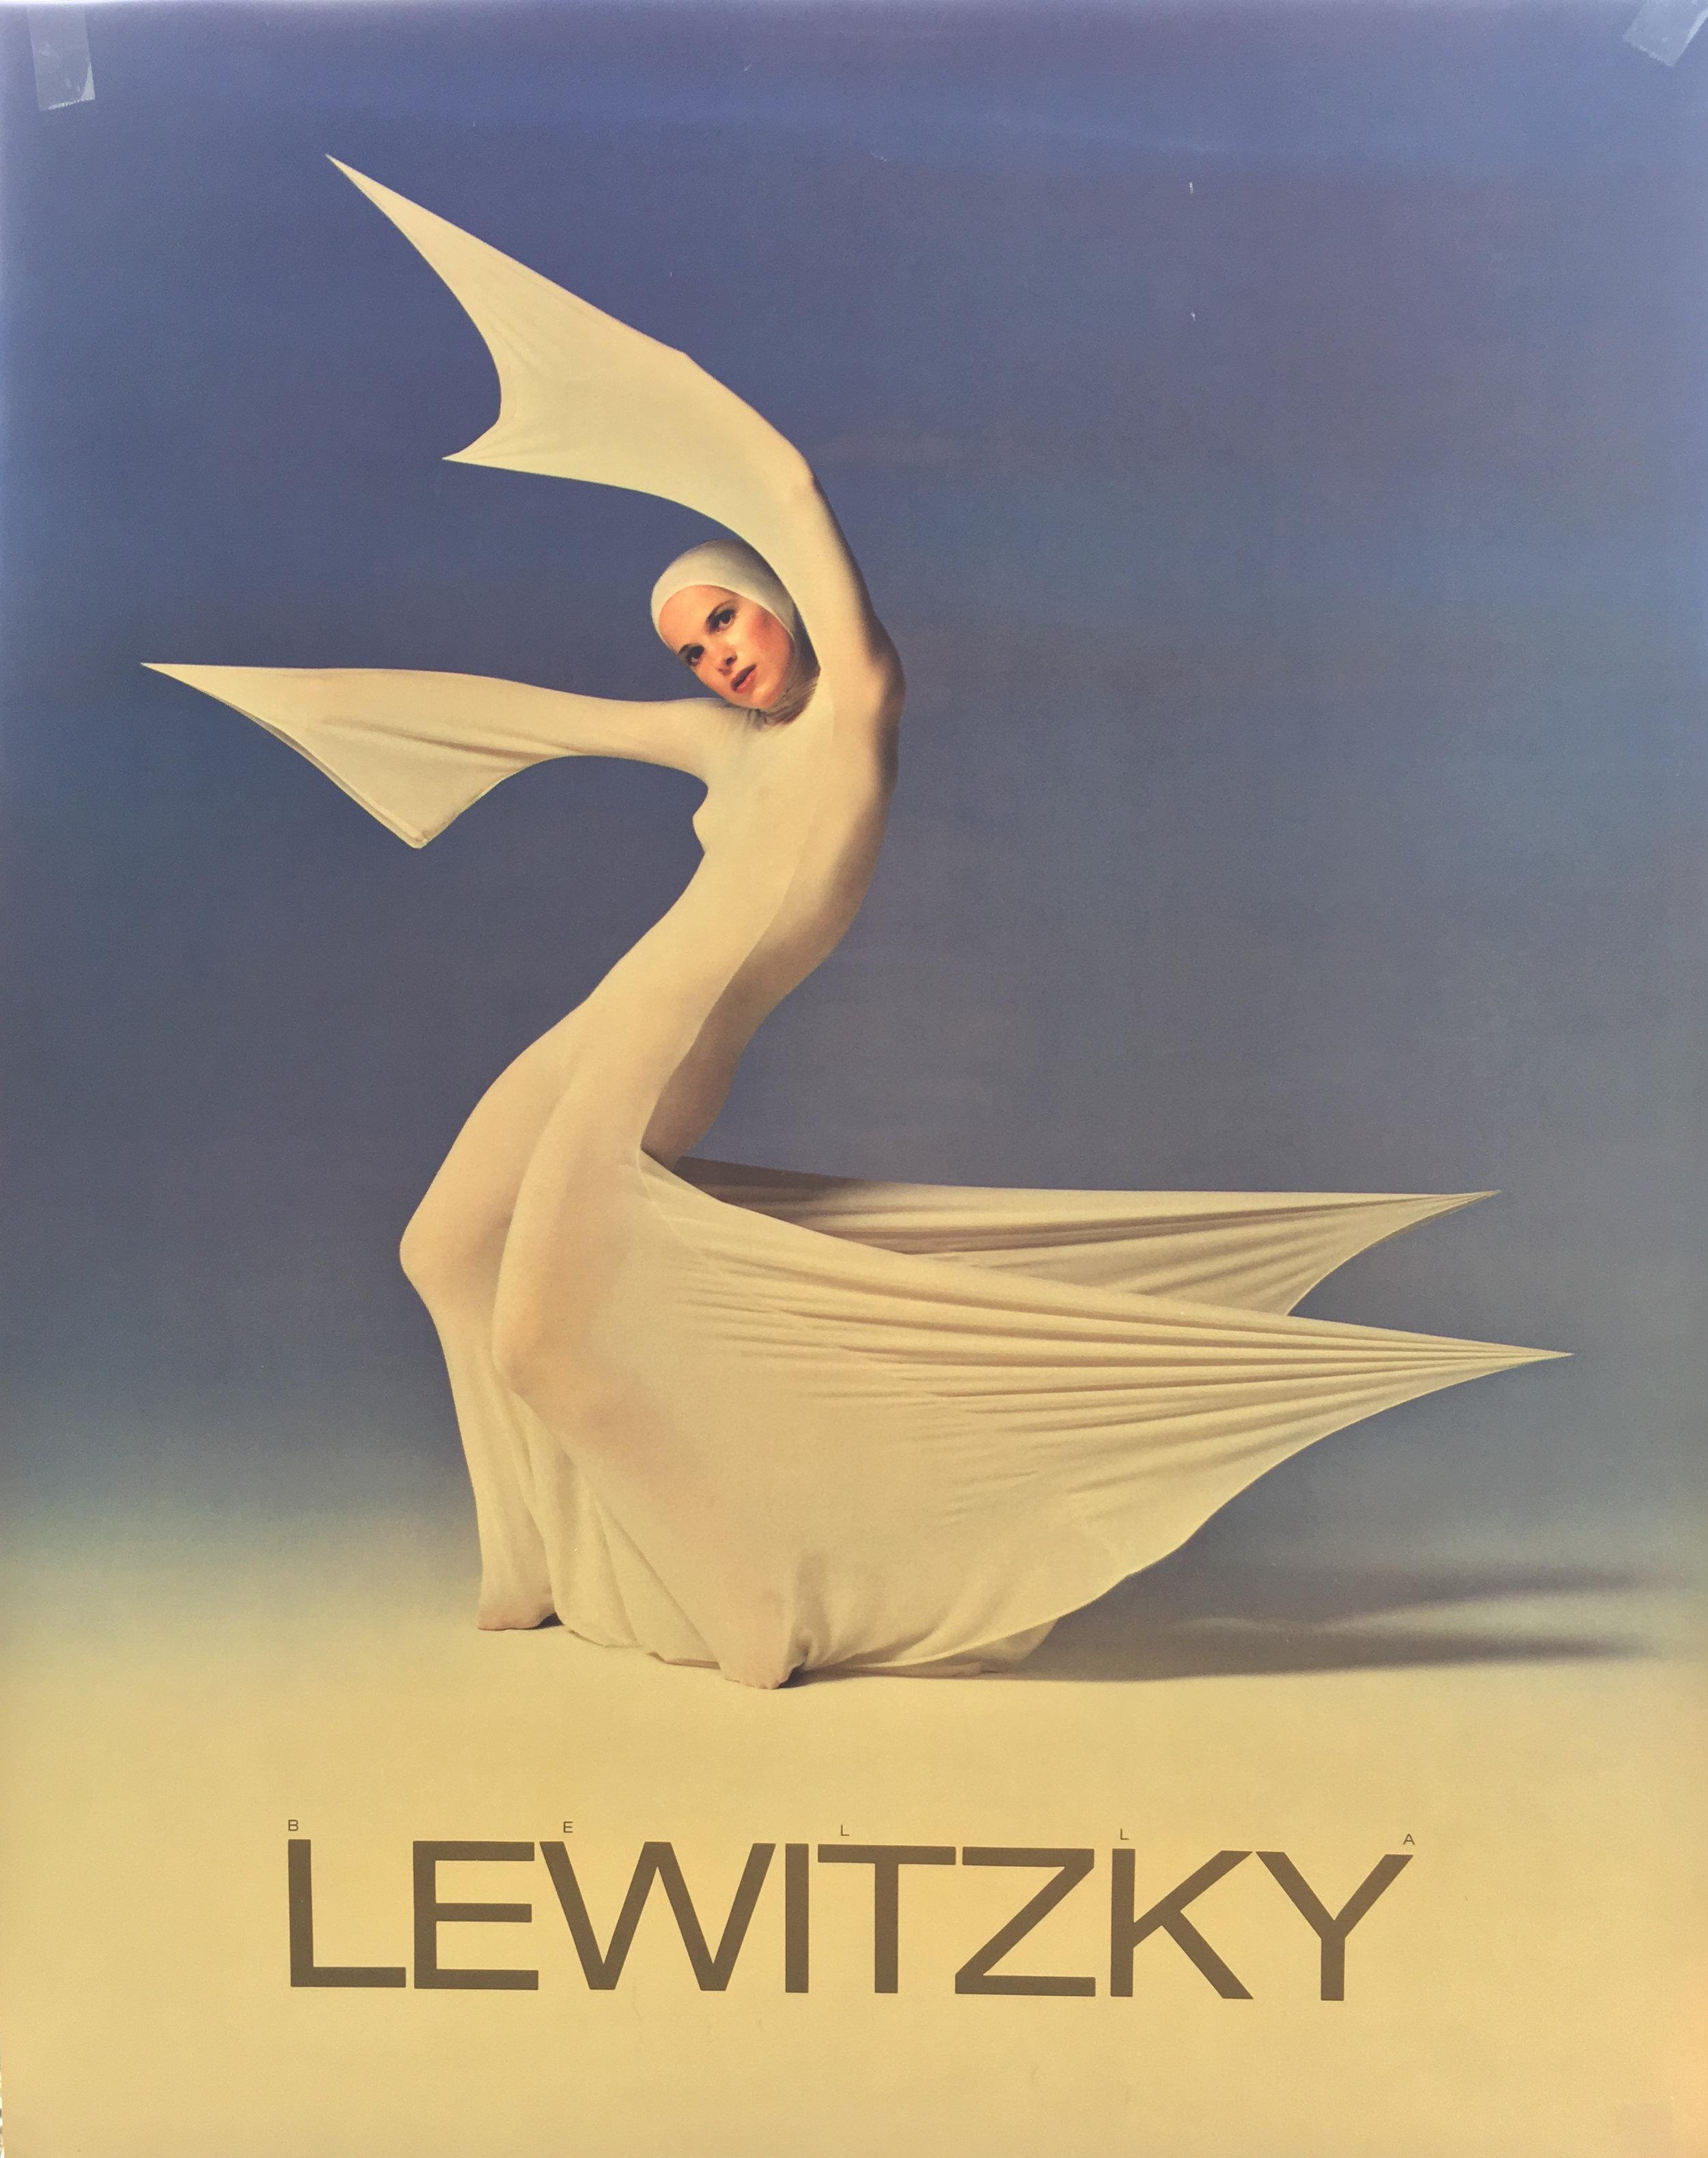 lewitzky.JPG